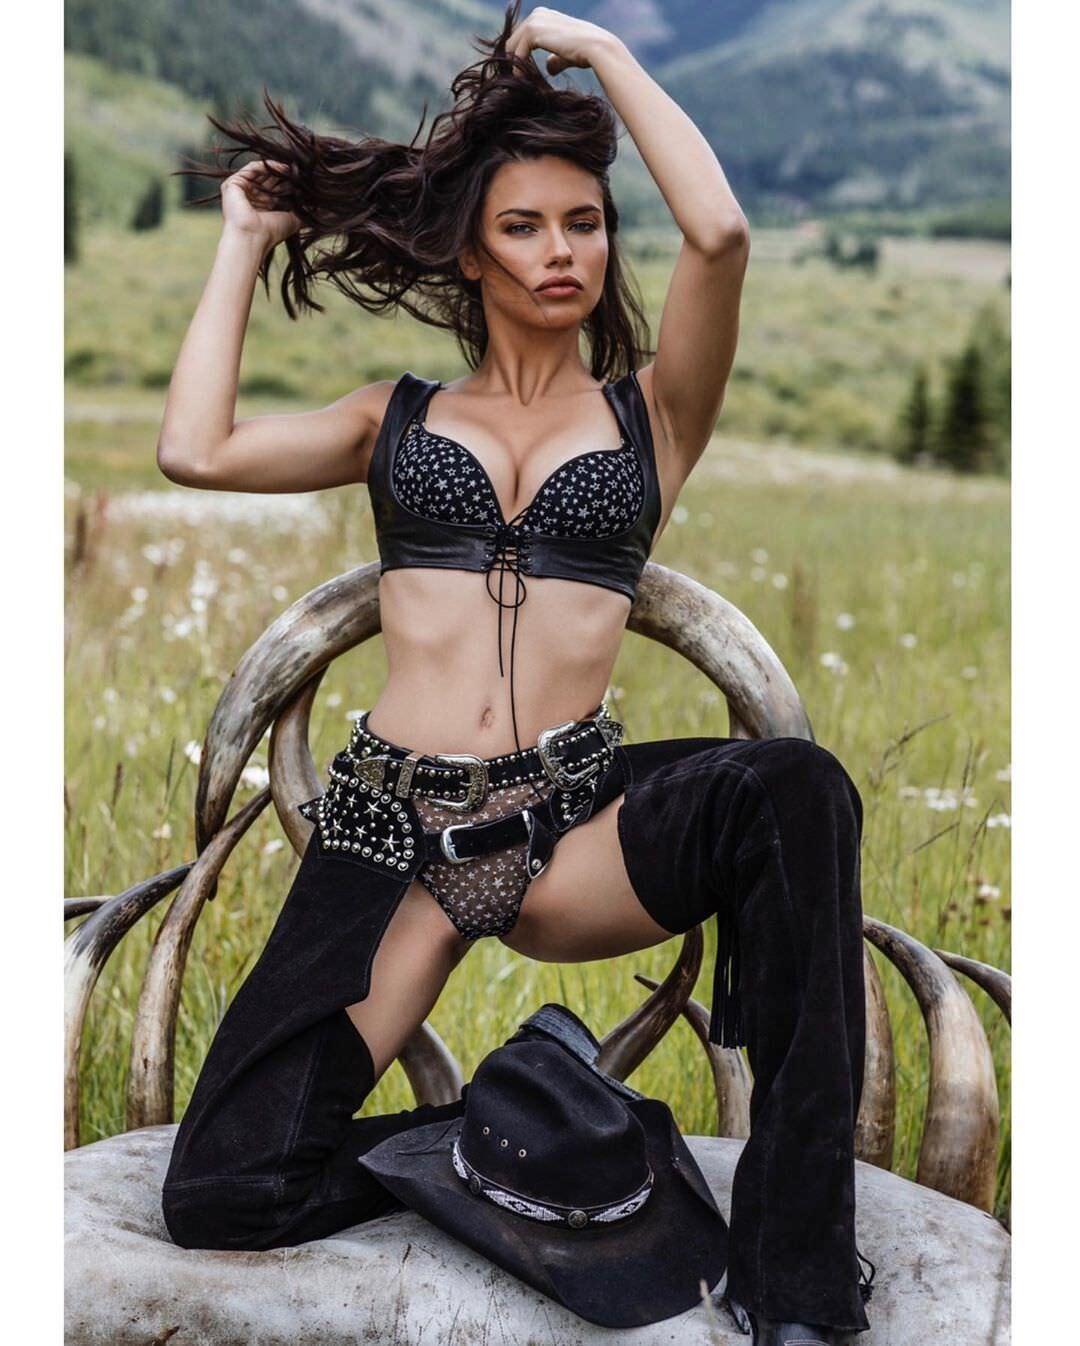 Адриана Лима фото в бюстгальтере